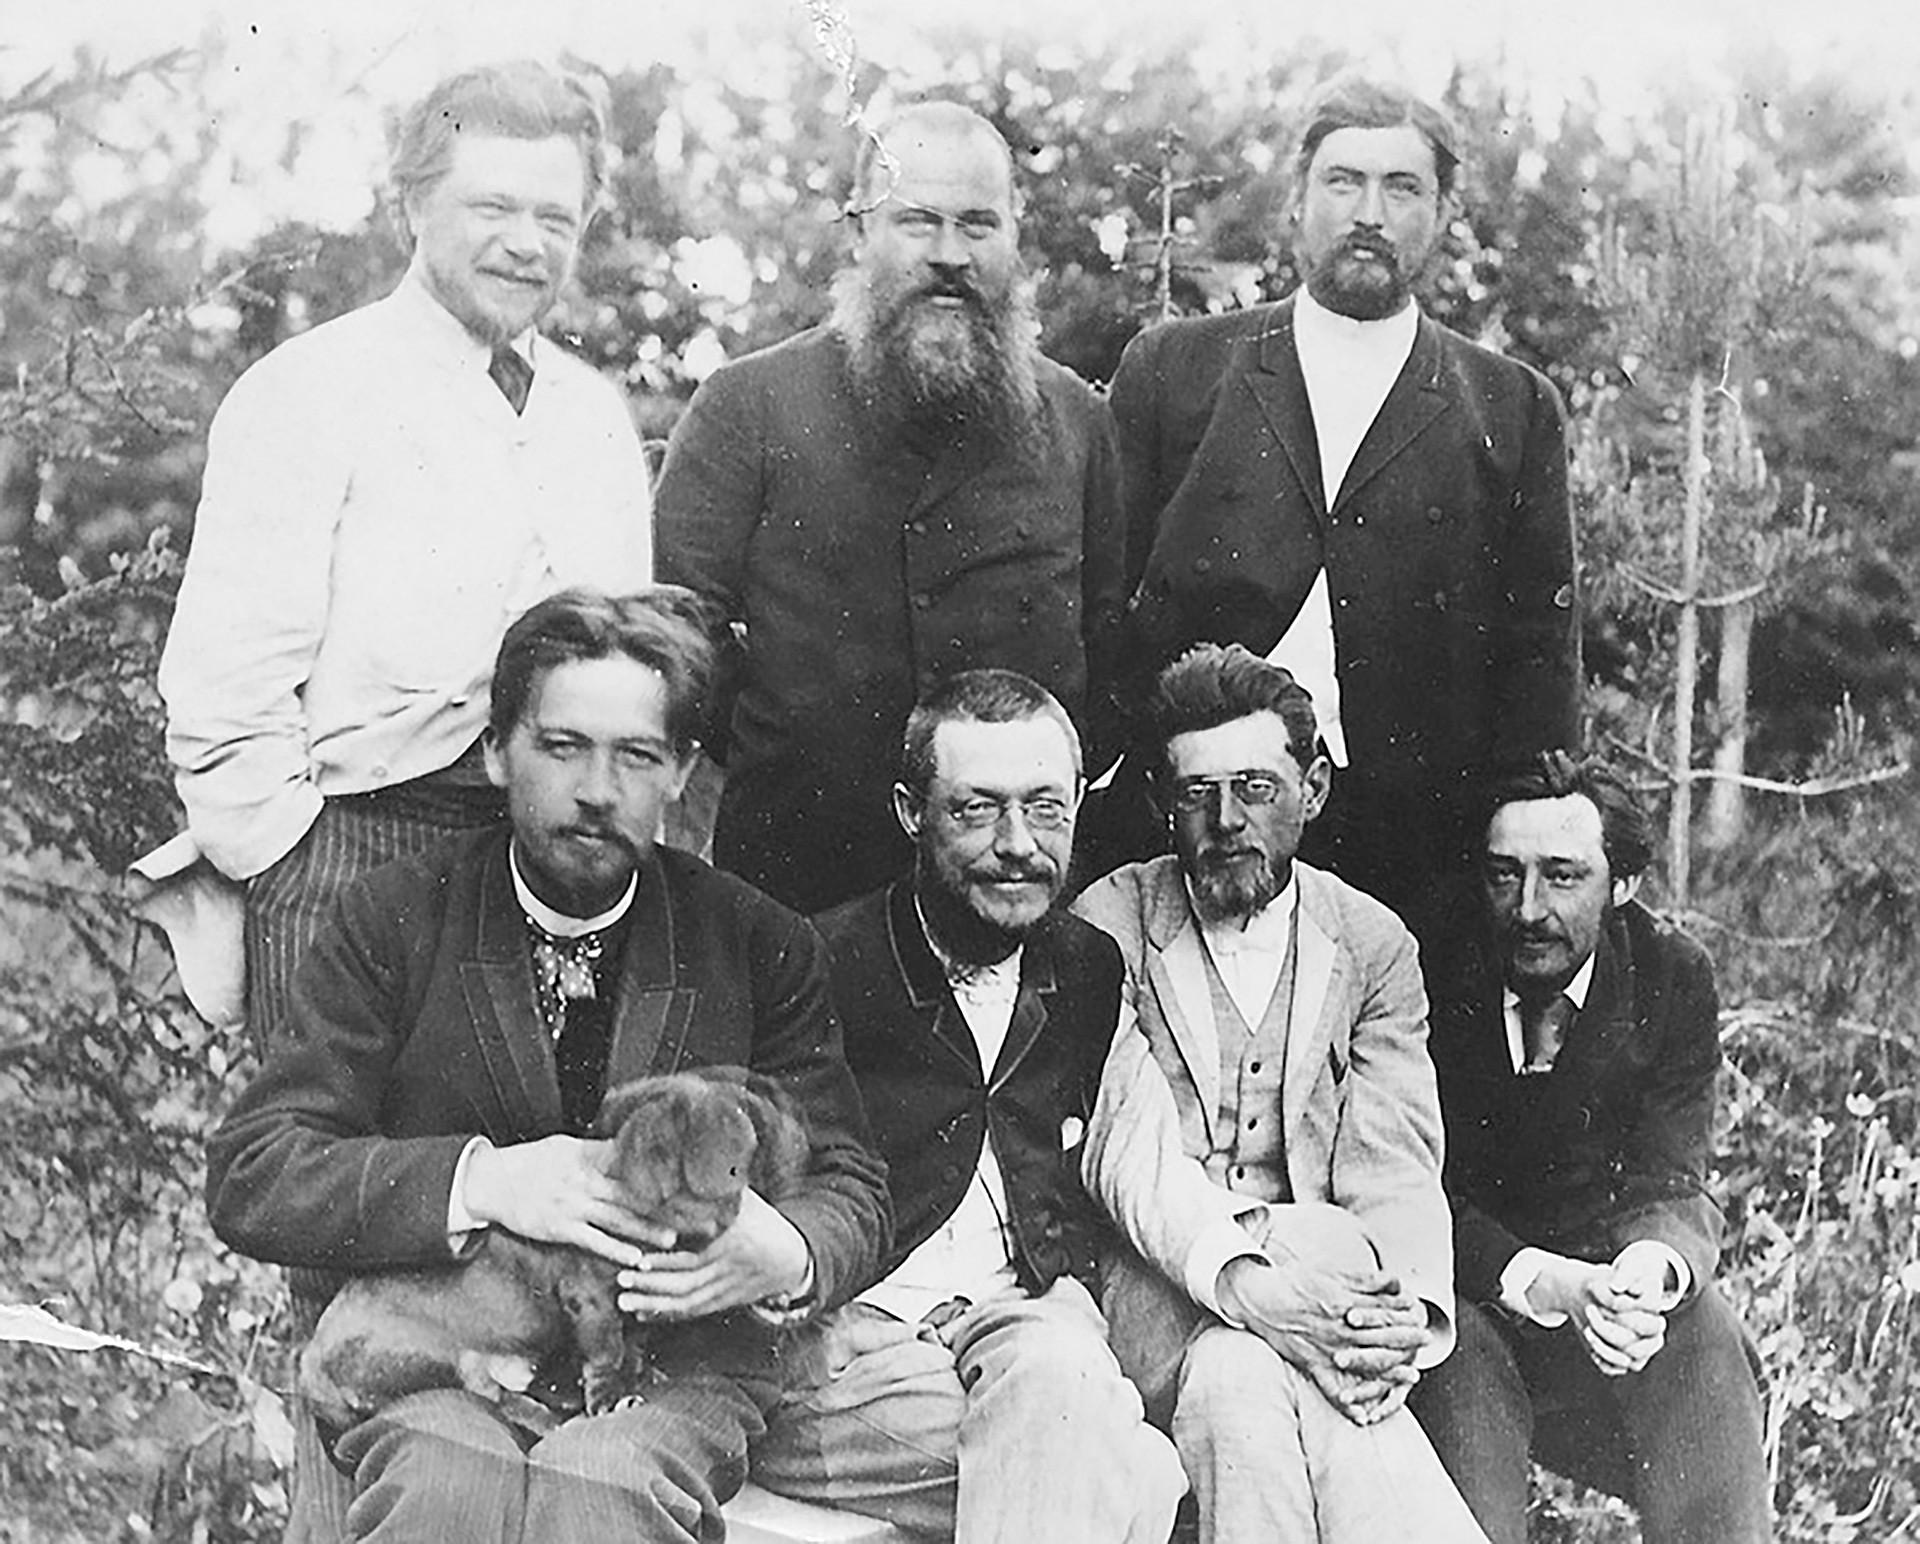 Tschechow (unten links) auf seinem Landhaus in Melichowo bei Moskau: Außer weniger bedeutenden Regionalpolitikern ist auch einer seiner geliebten Dachse dabei. Und weil Tschechow Arzt war, gab er ihnen medizinische Namen - Brom und China.